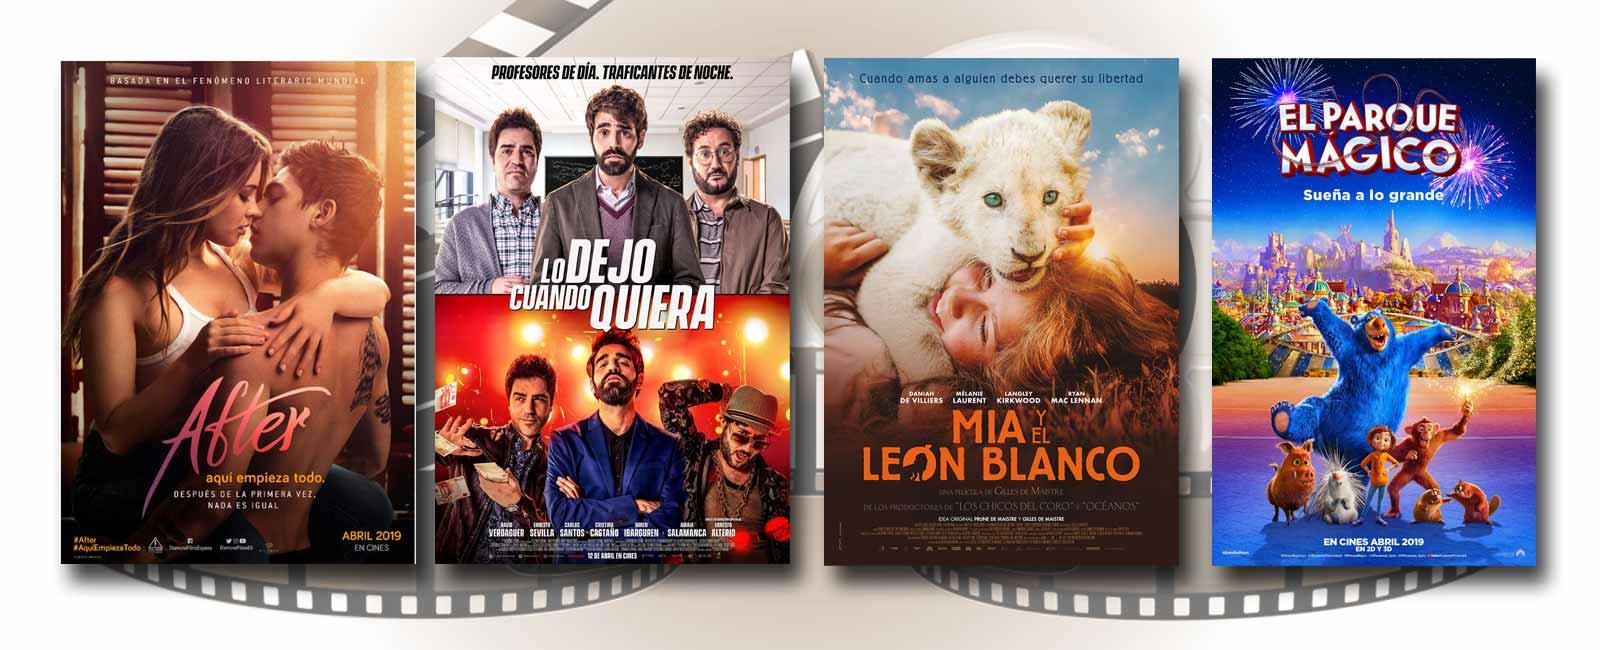 Estrenos de Cine de la Semana… 12 de Abril 2019